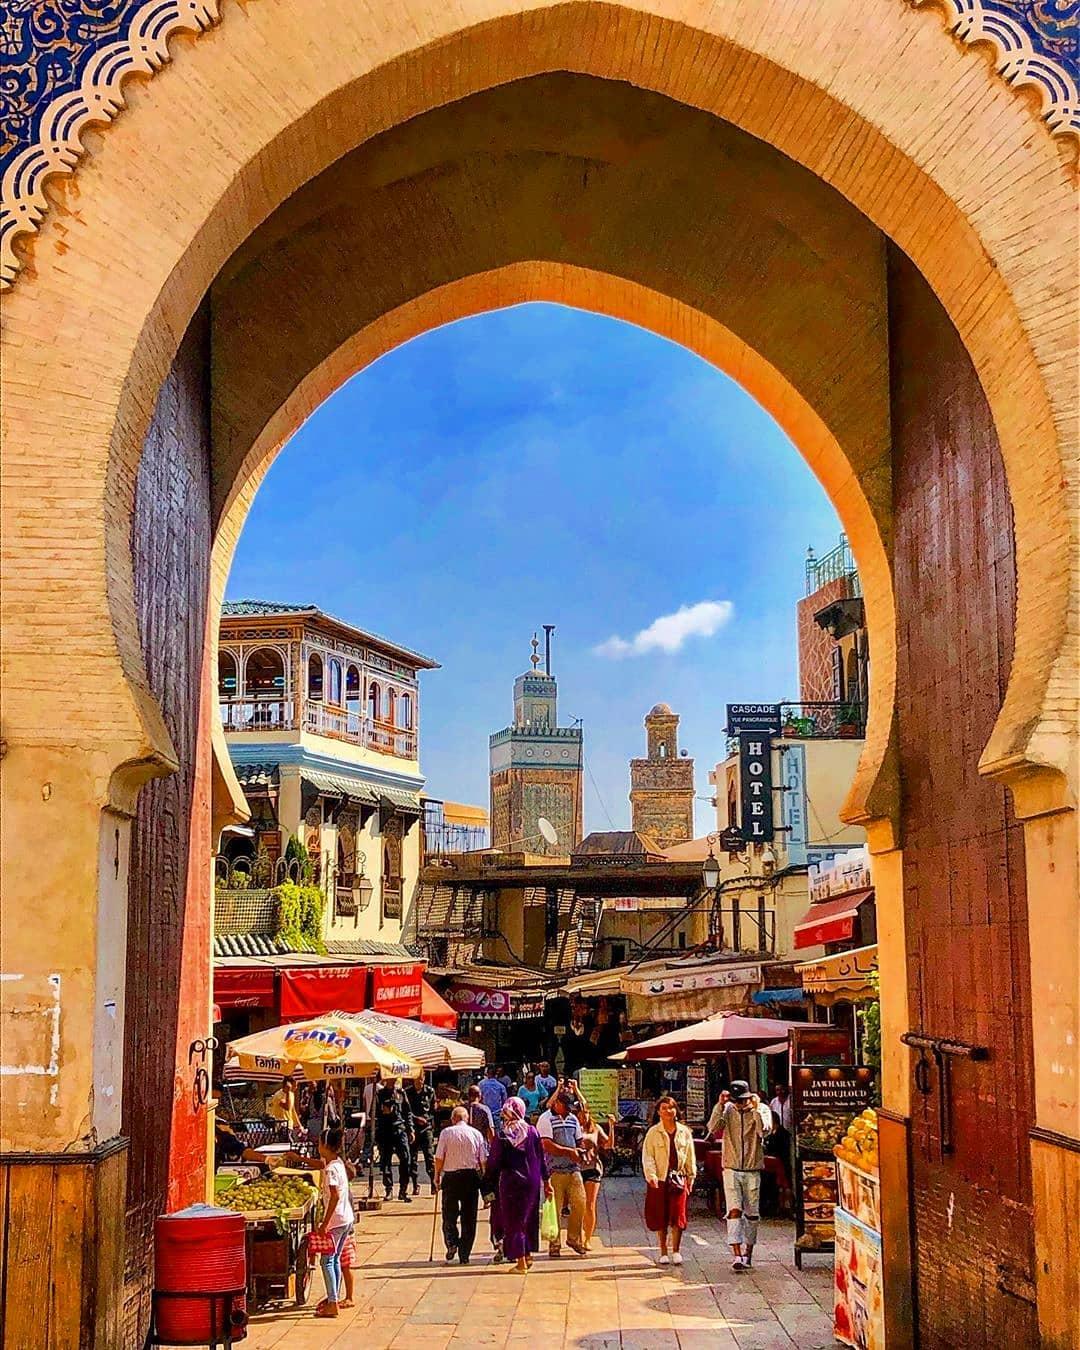 Excursiones al desierto desde Fez